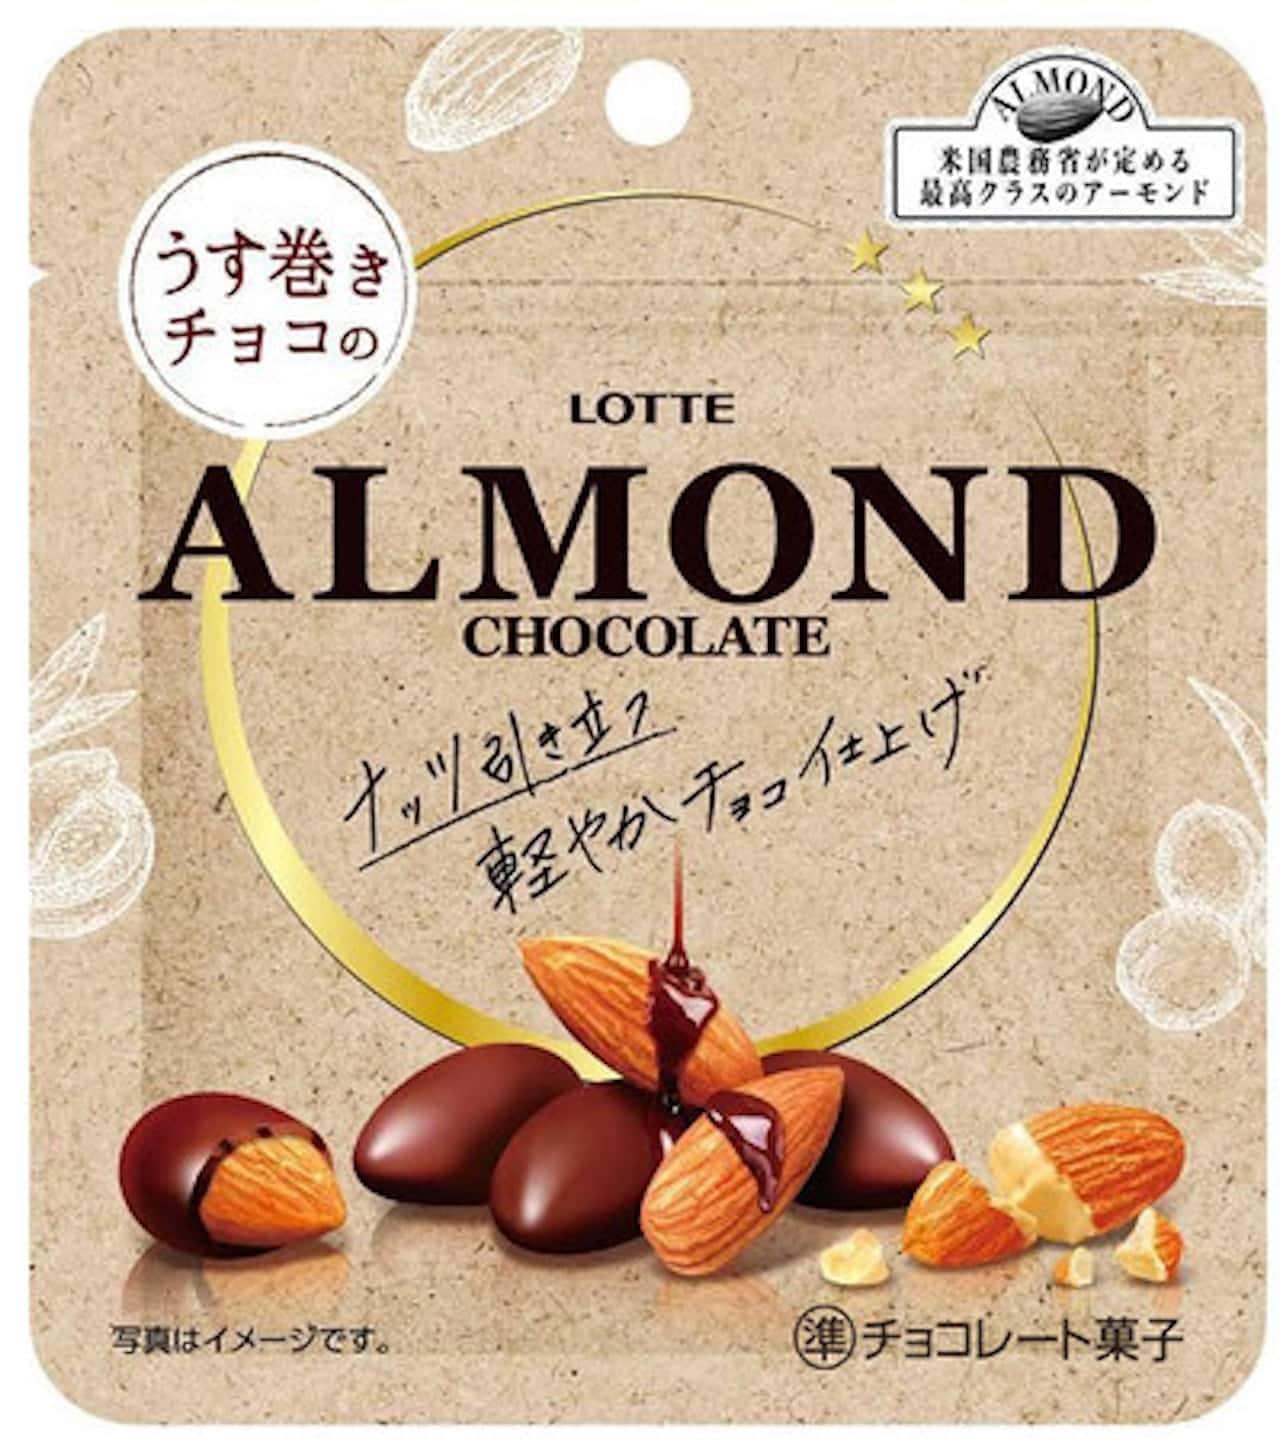 「うす巻きチョコのアーモンドチョコレート」ロッテから